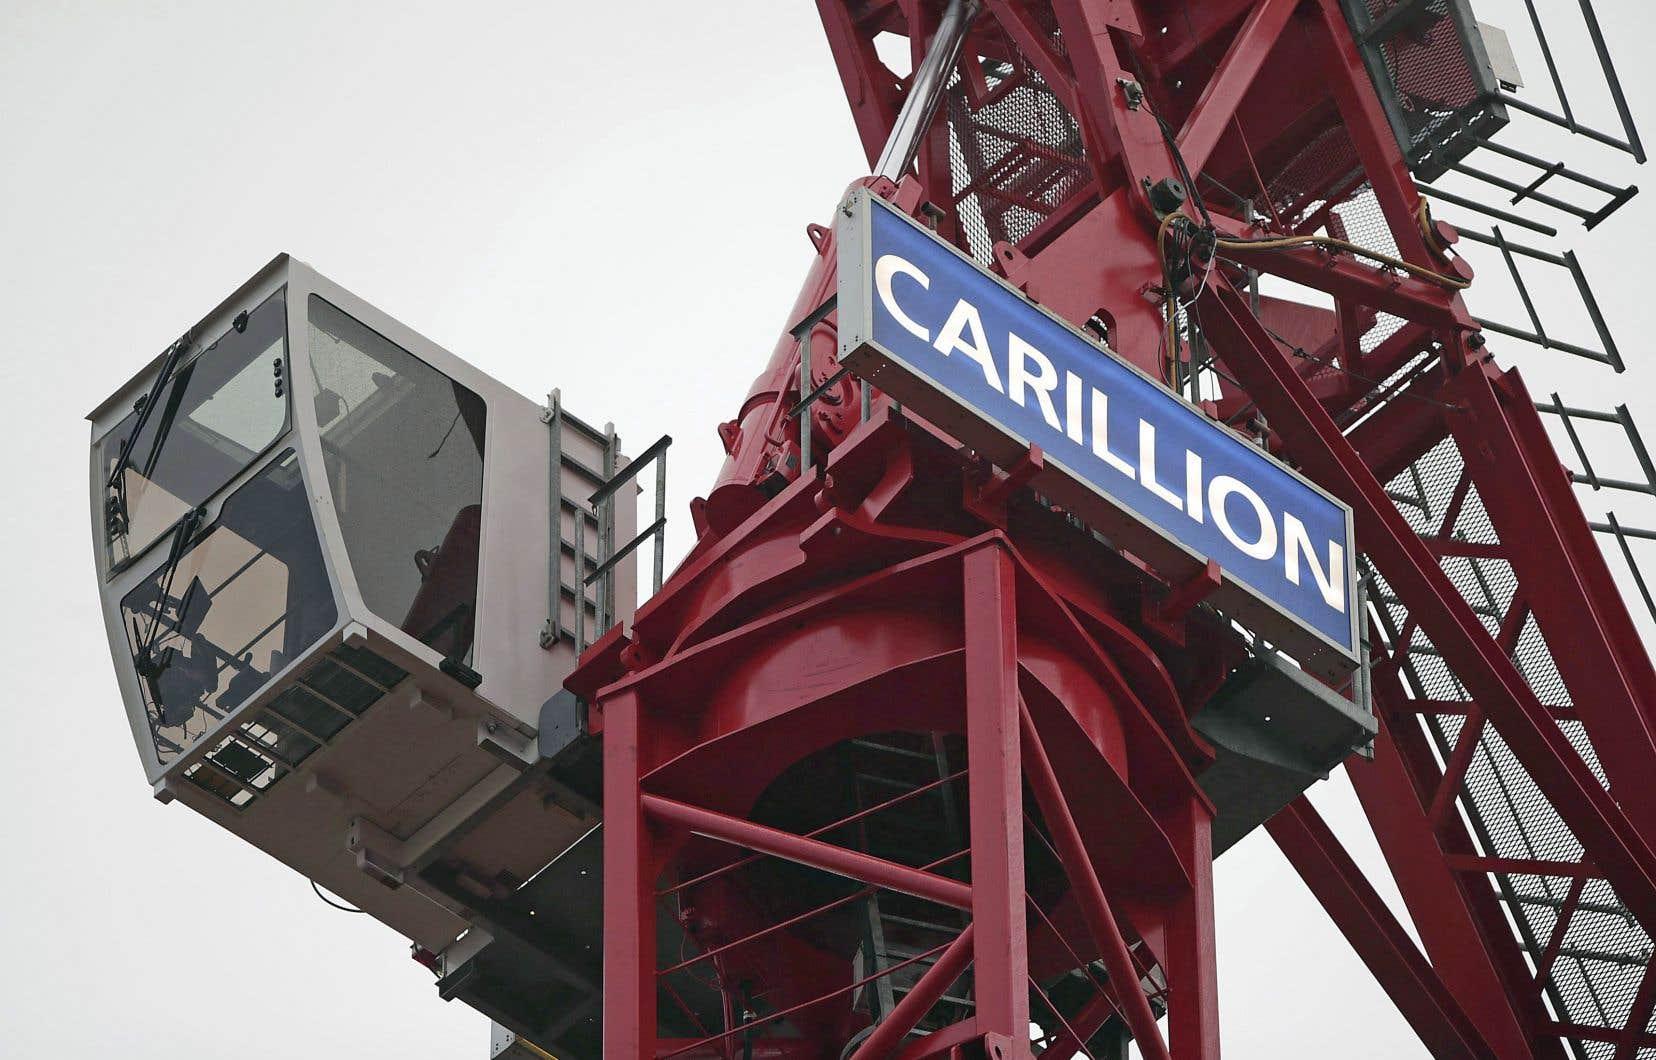 Le groupe Carillion a mis la clé sous la porte le 15janvier dernier.